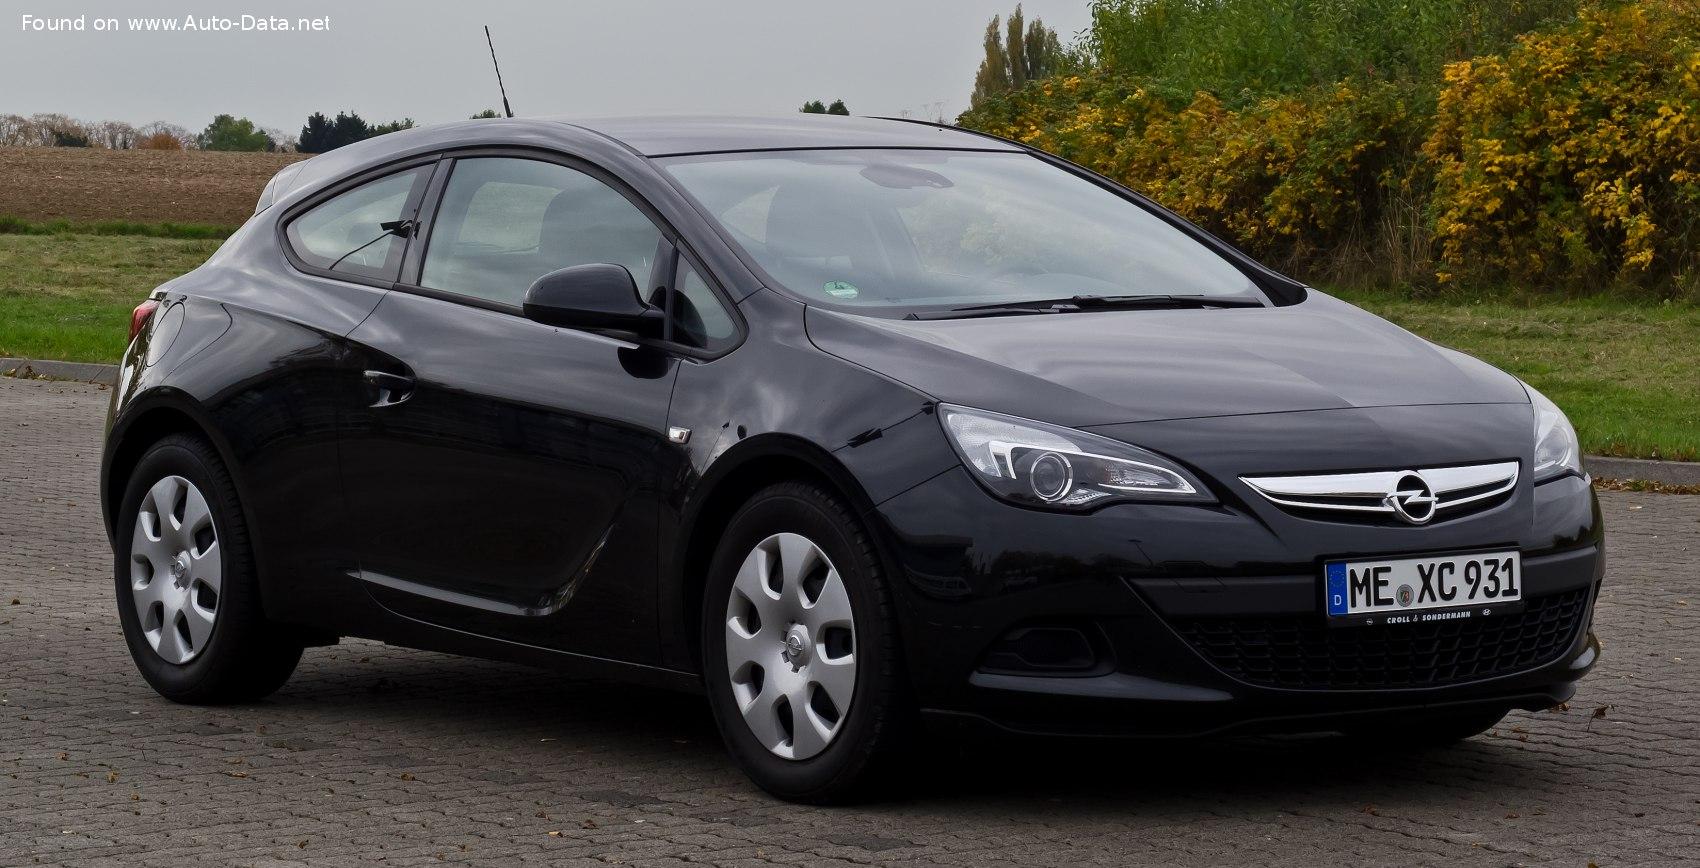 2011 Opel Astra J Gtc 1 6 180 Hp Turbo Ecotec Technical Specs Data Fuel Consumption Dimensions